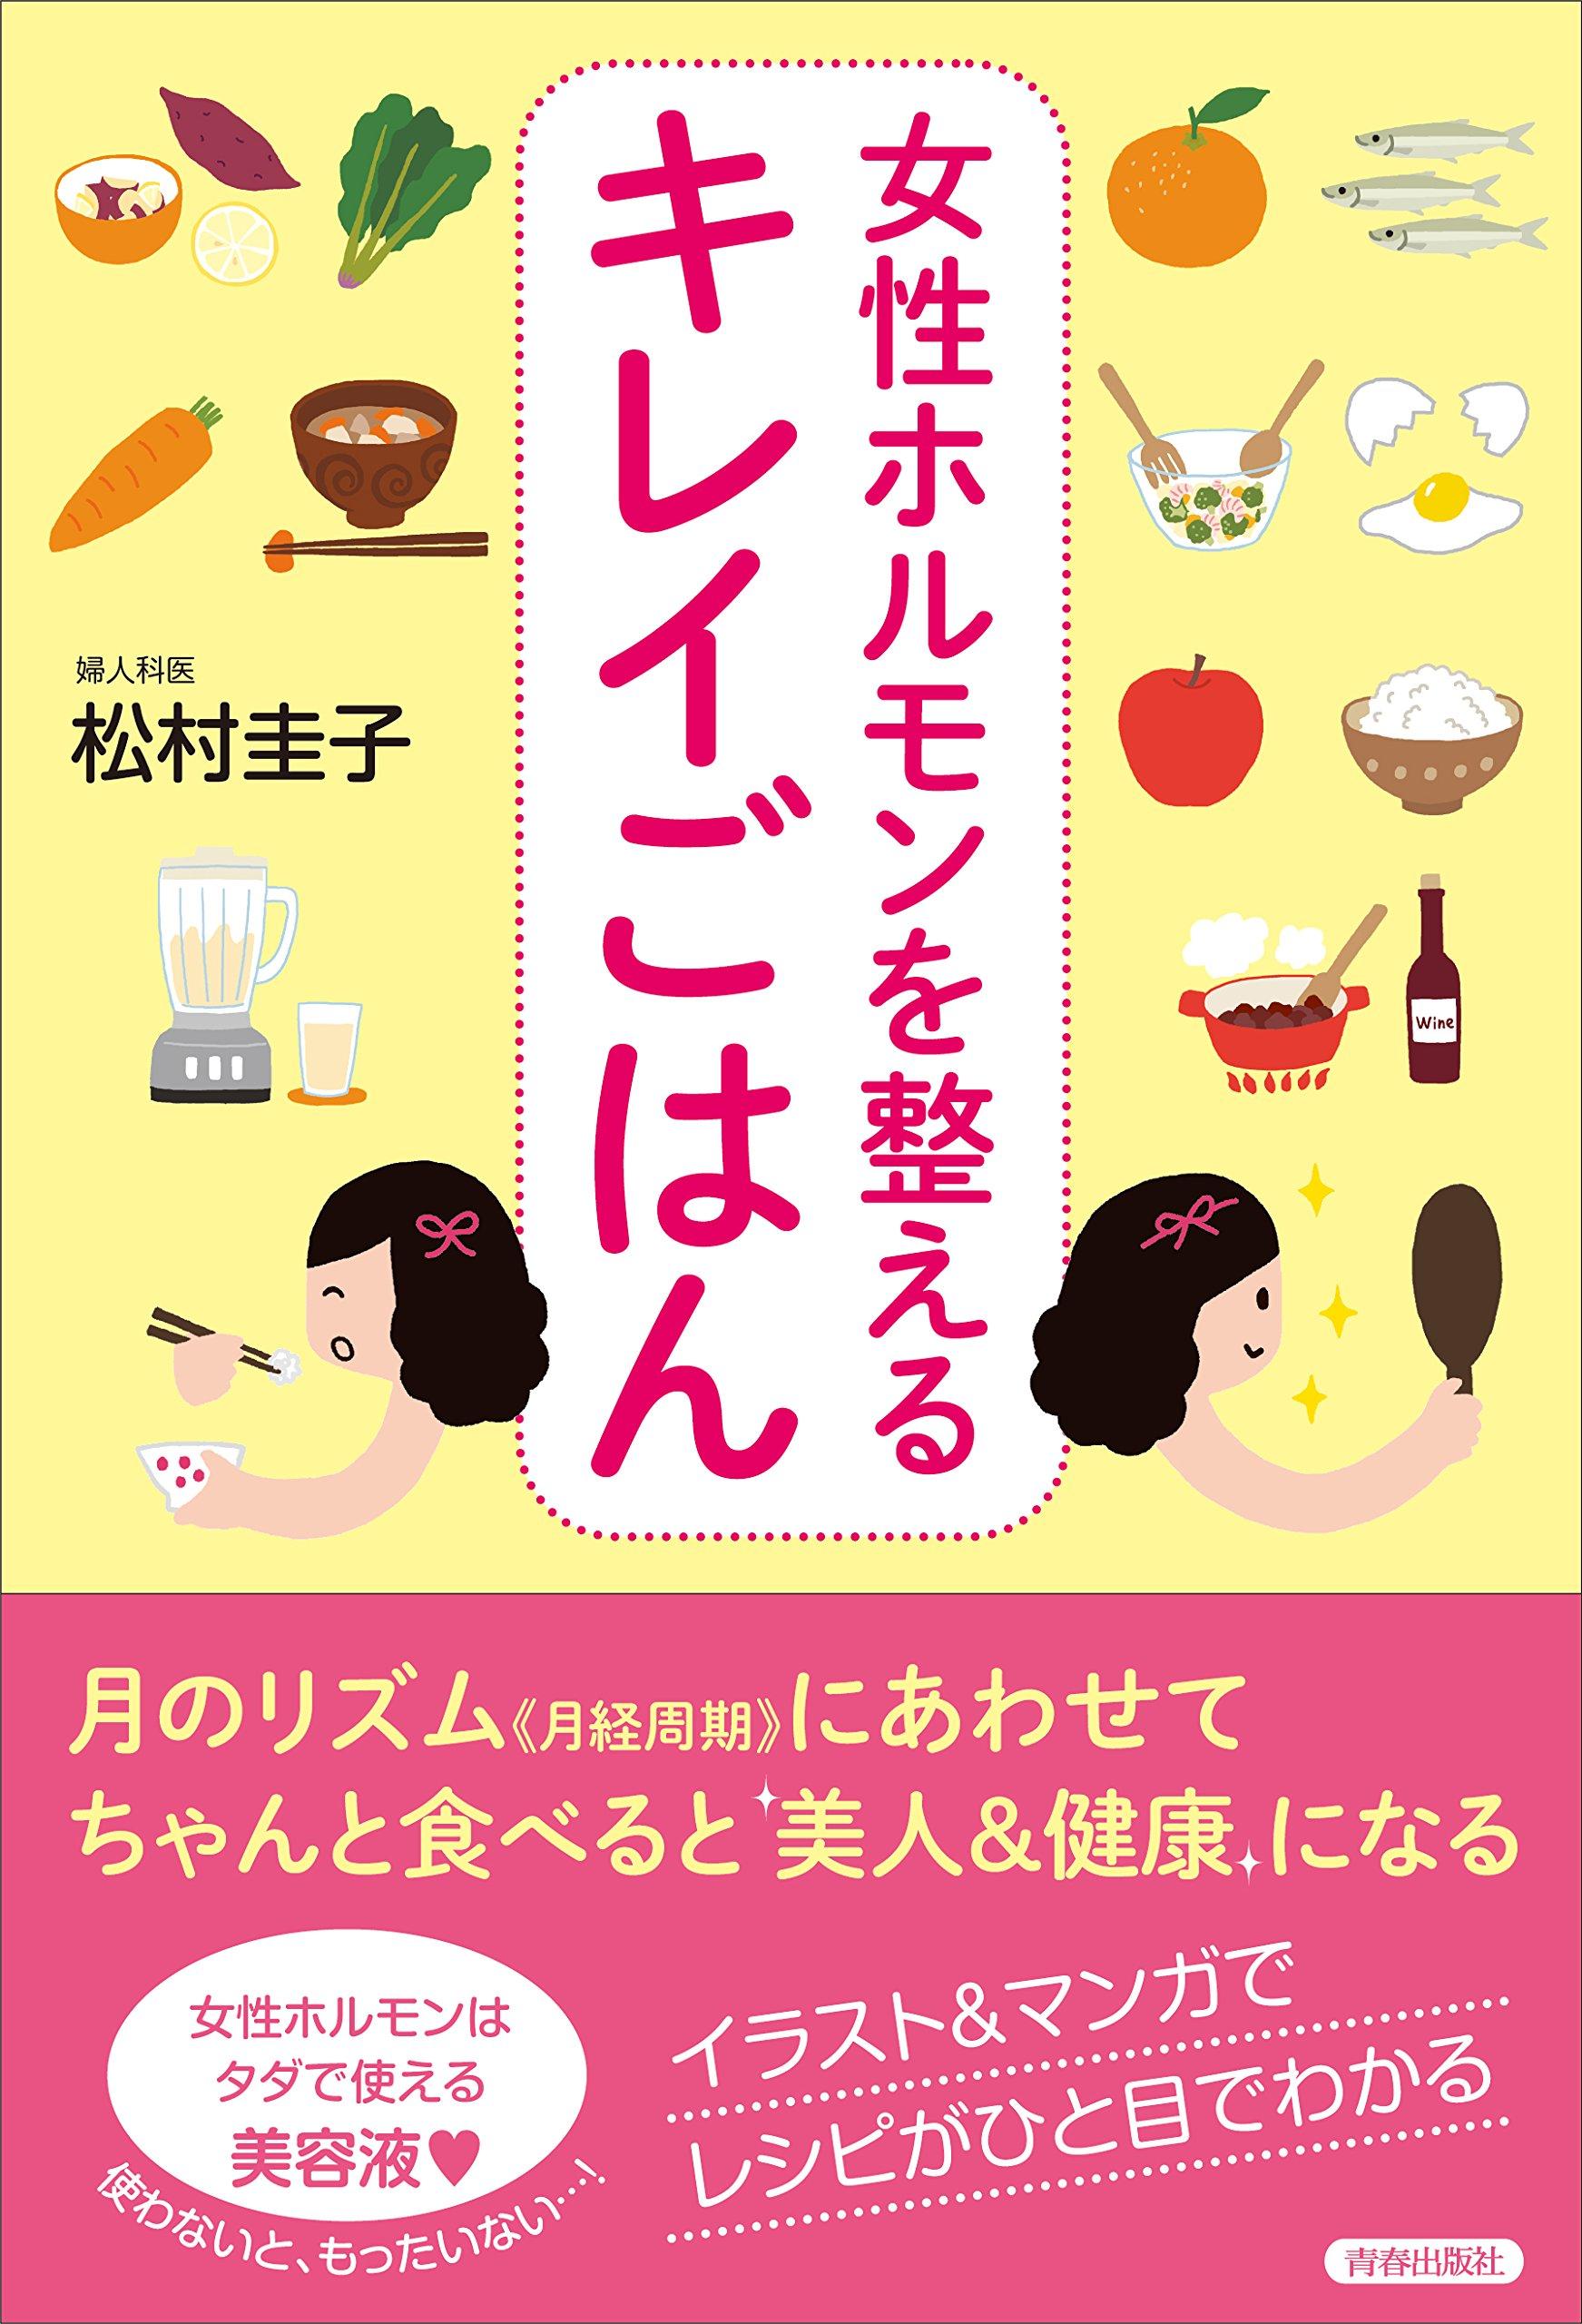 『女性ホルモンを整えるキレイごはん』松村圭子・著 をamazonで見る